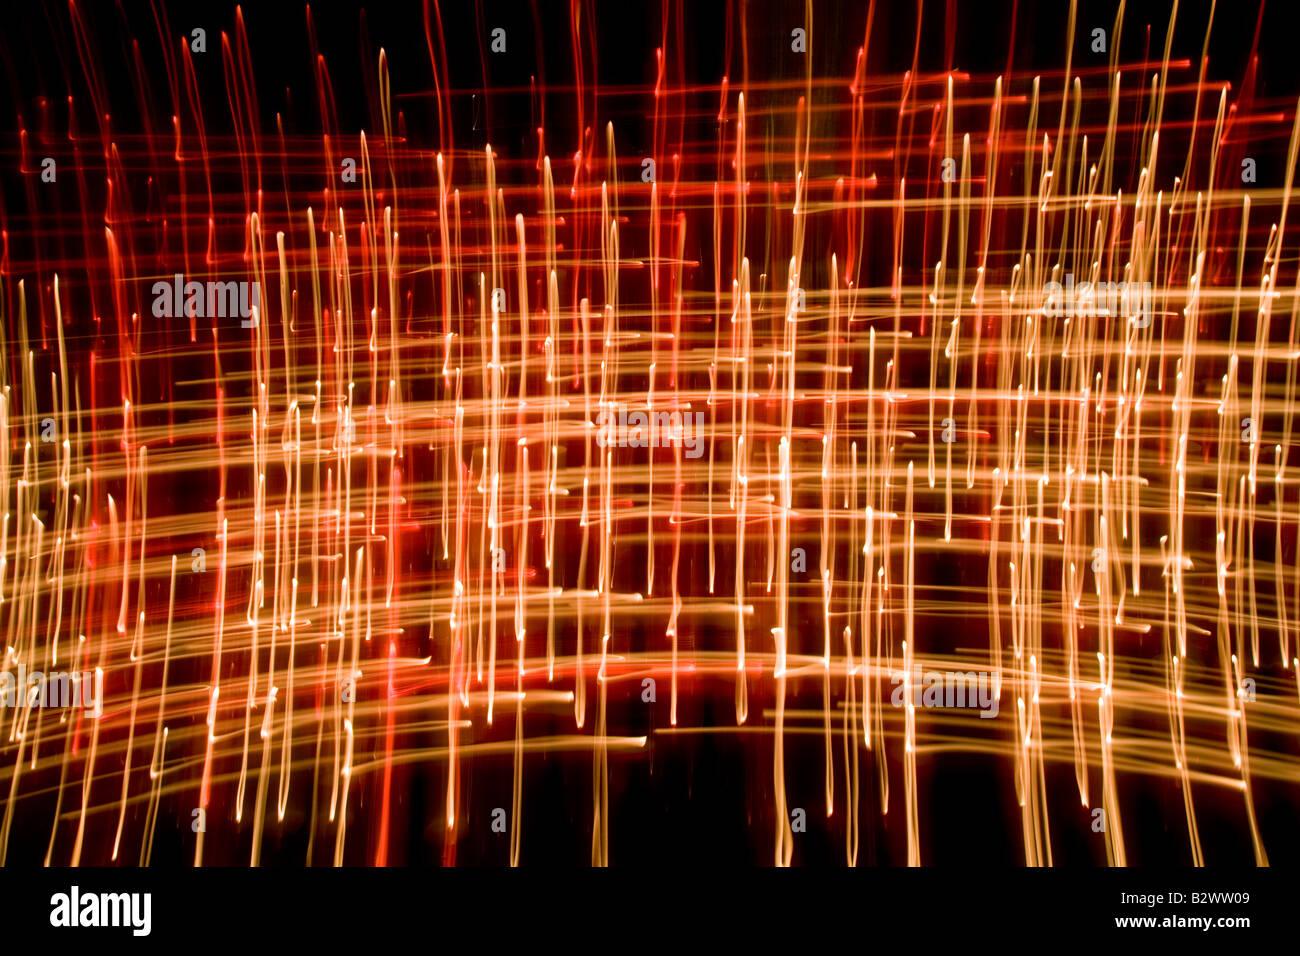 Kerze Flammen abstrakt genommen mit langsamen Verschlusszeit in einer Kathedrale Stockfoto